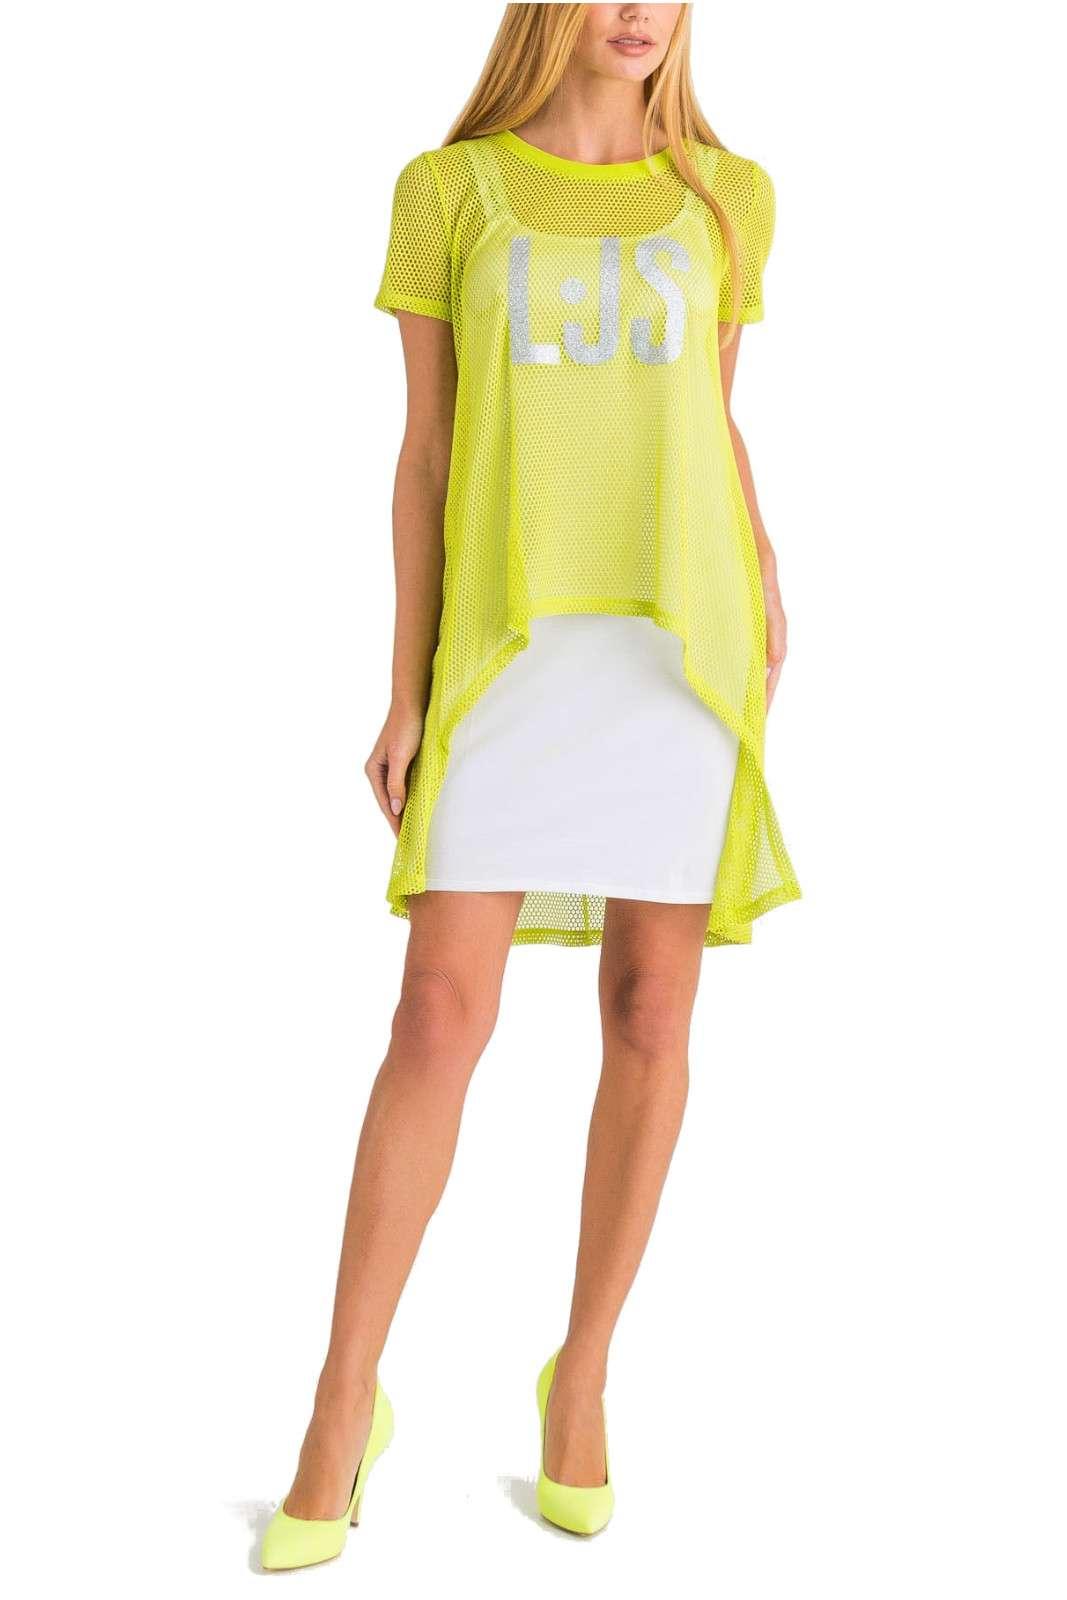 Un abito sportivo e glamour la proposta della collezione donna Liu Jo Sport. Da indossare nelle giornate più casual si impone per il copri abito a rete dal gusto sportivo. Da abbinare a sneaker o a tacchi, è un essential della moda quotidiana.